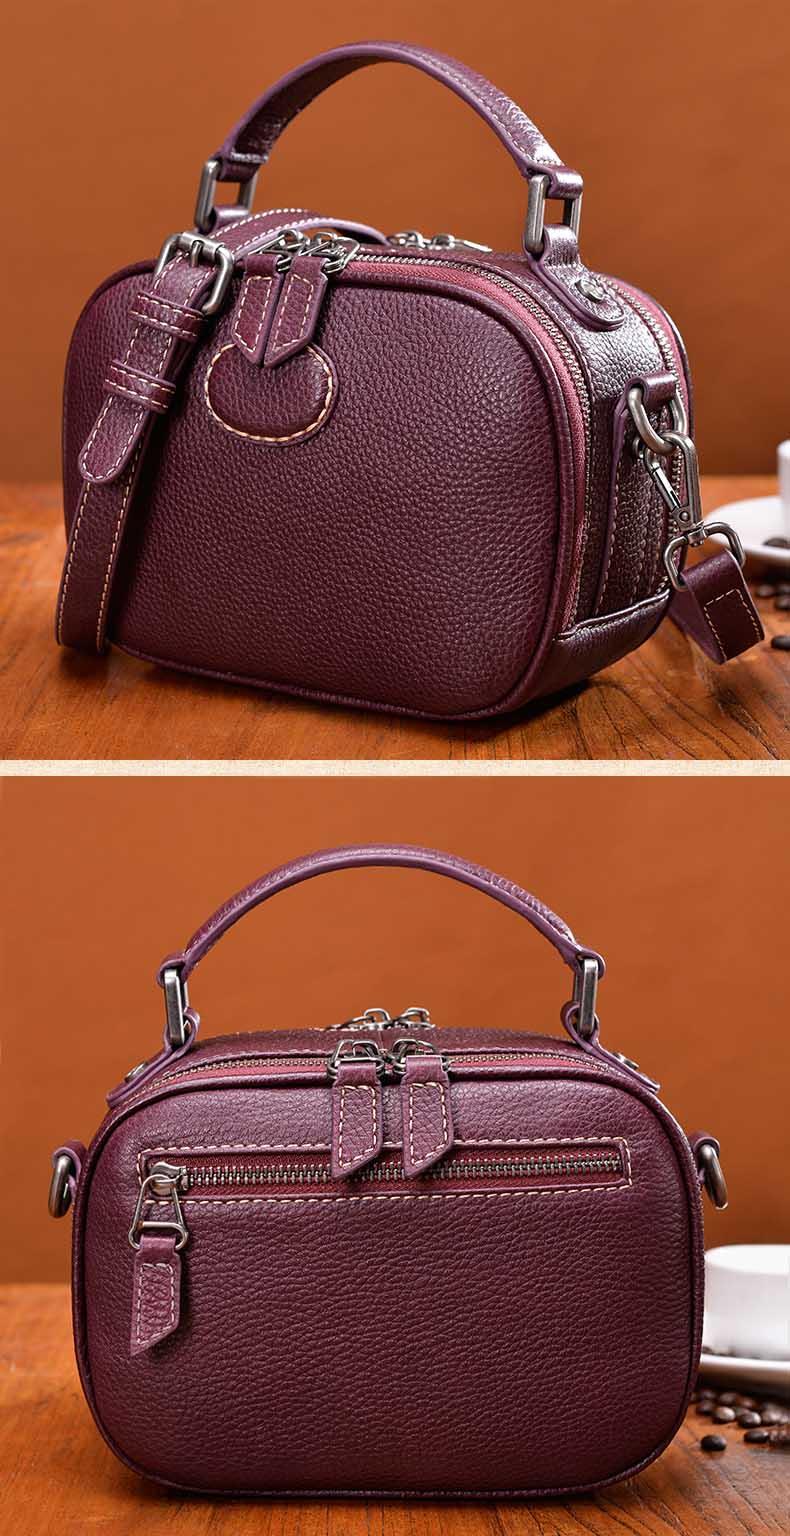 Women Mini Messenger Bags (14)